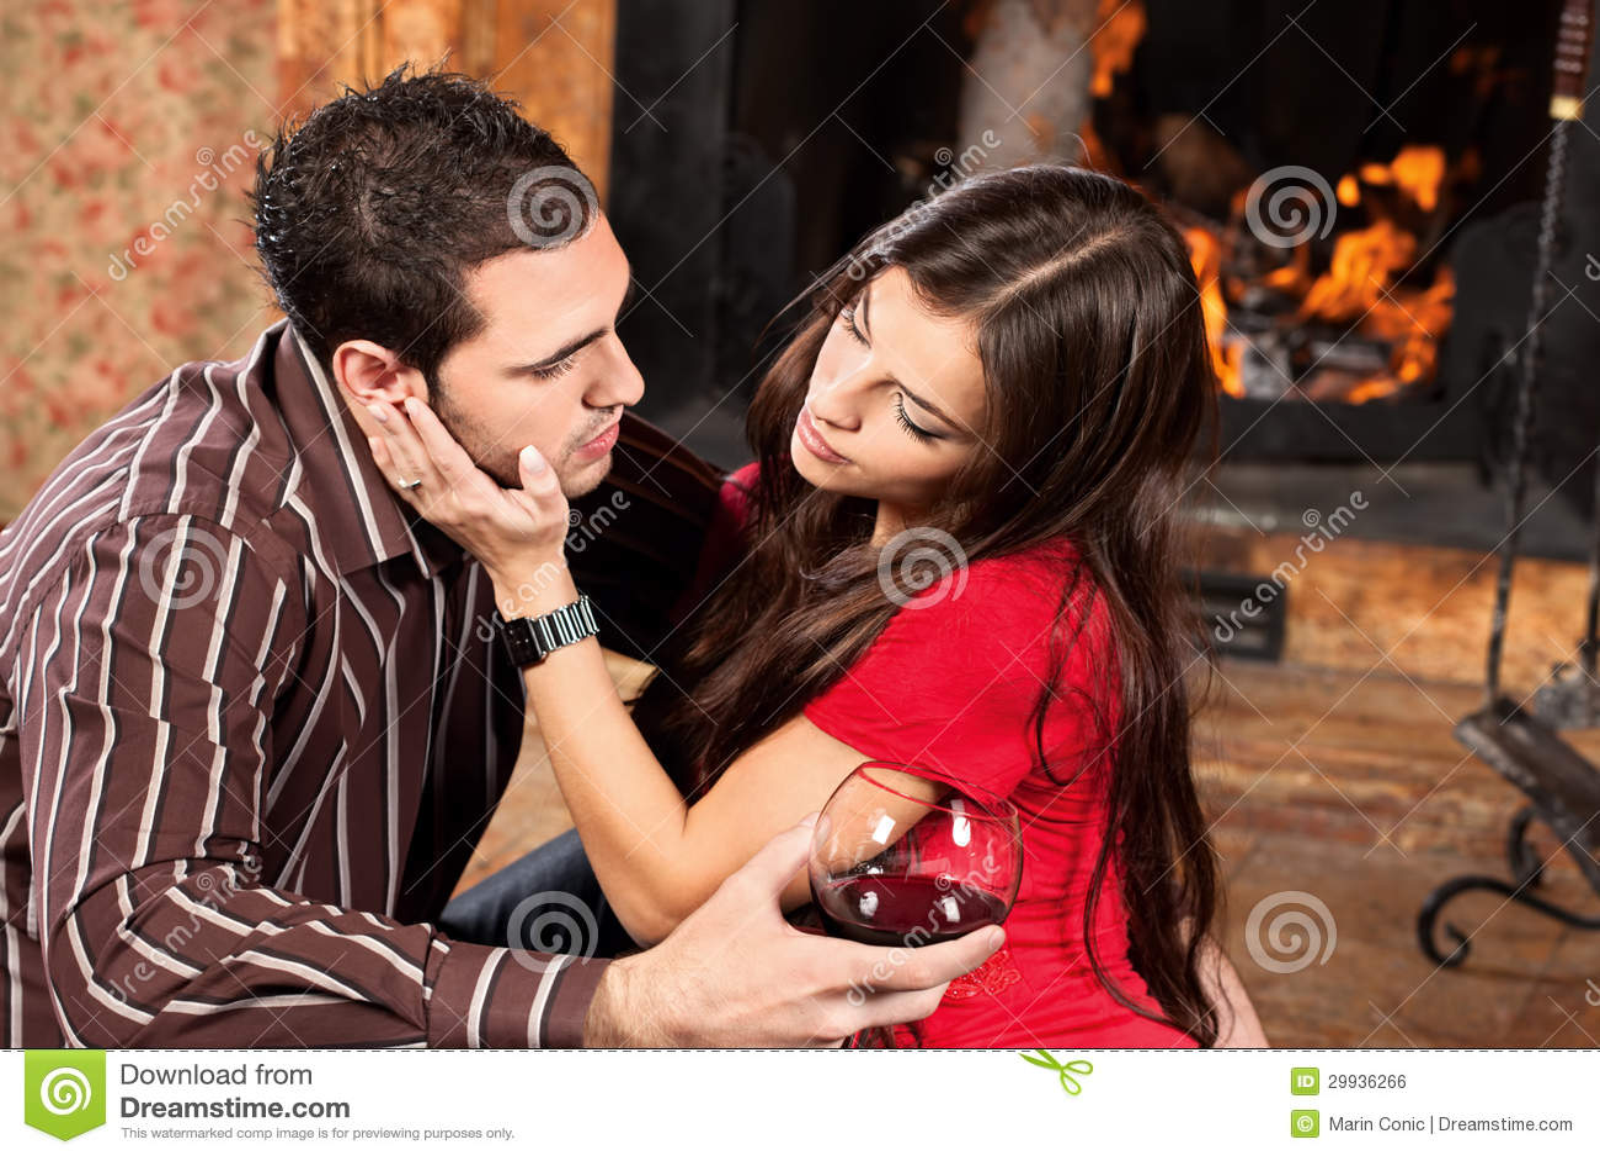 How to caress a man 22